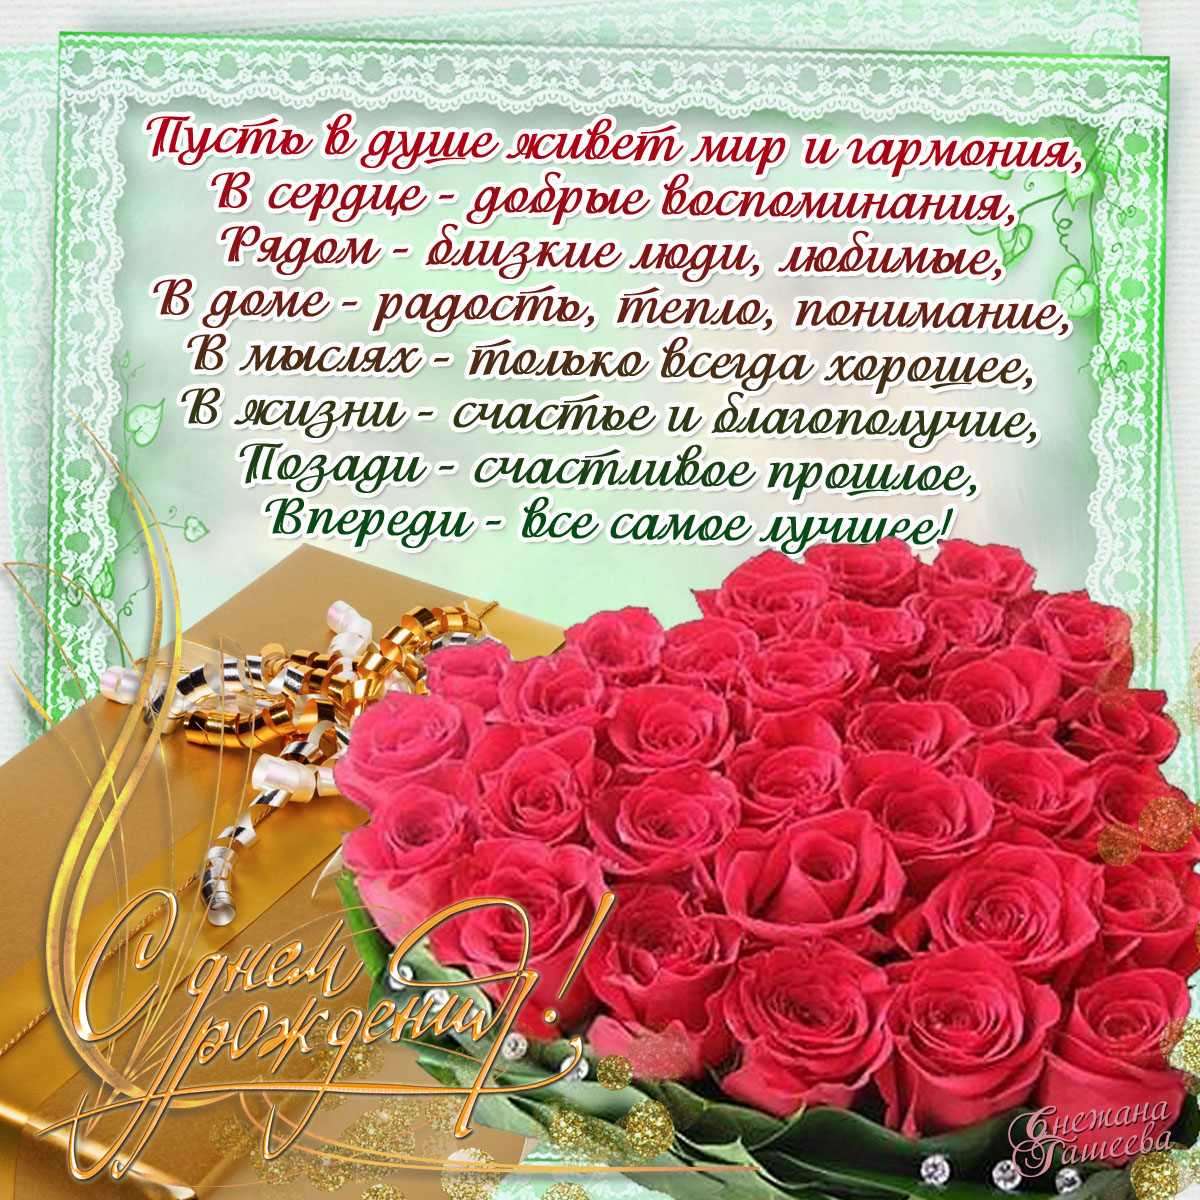 Красивые и лучшие поздравления с днем рождения